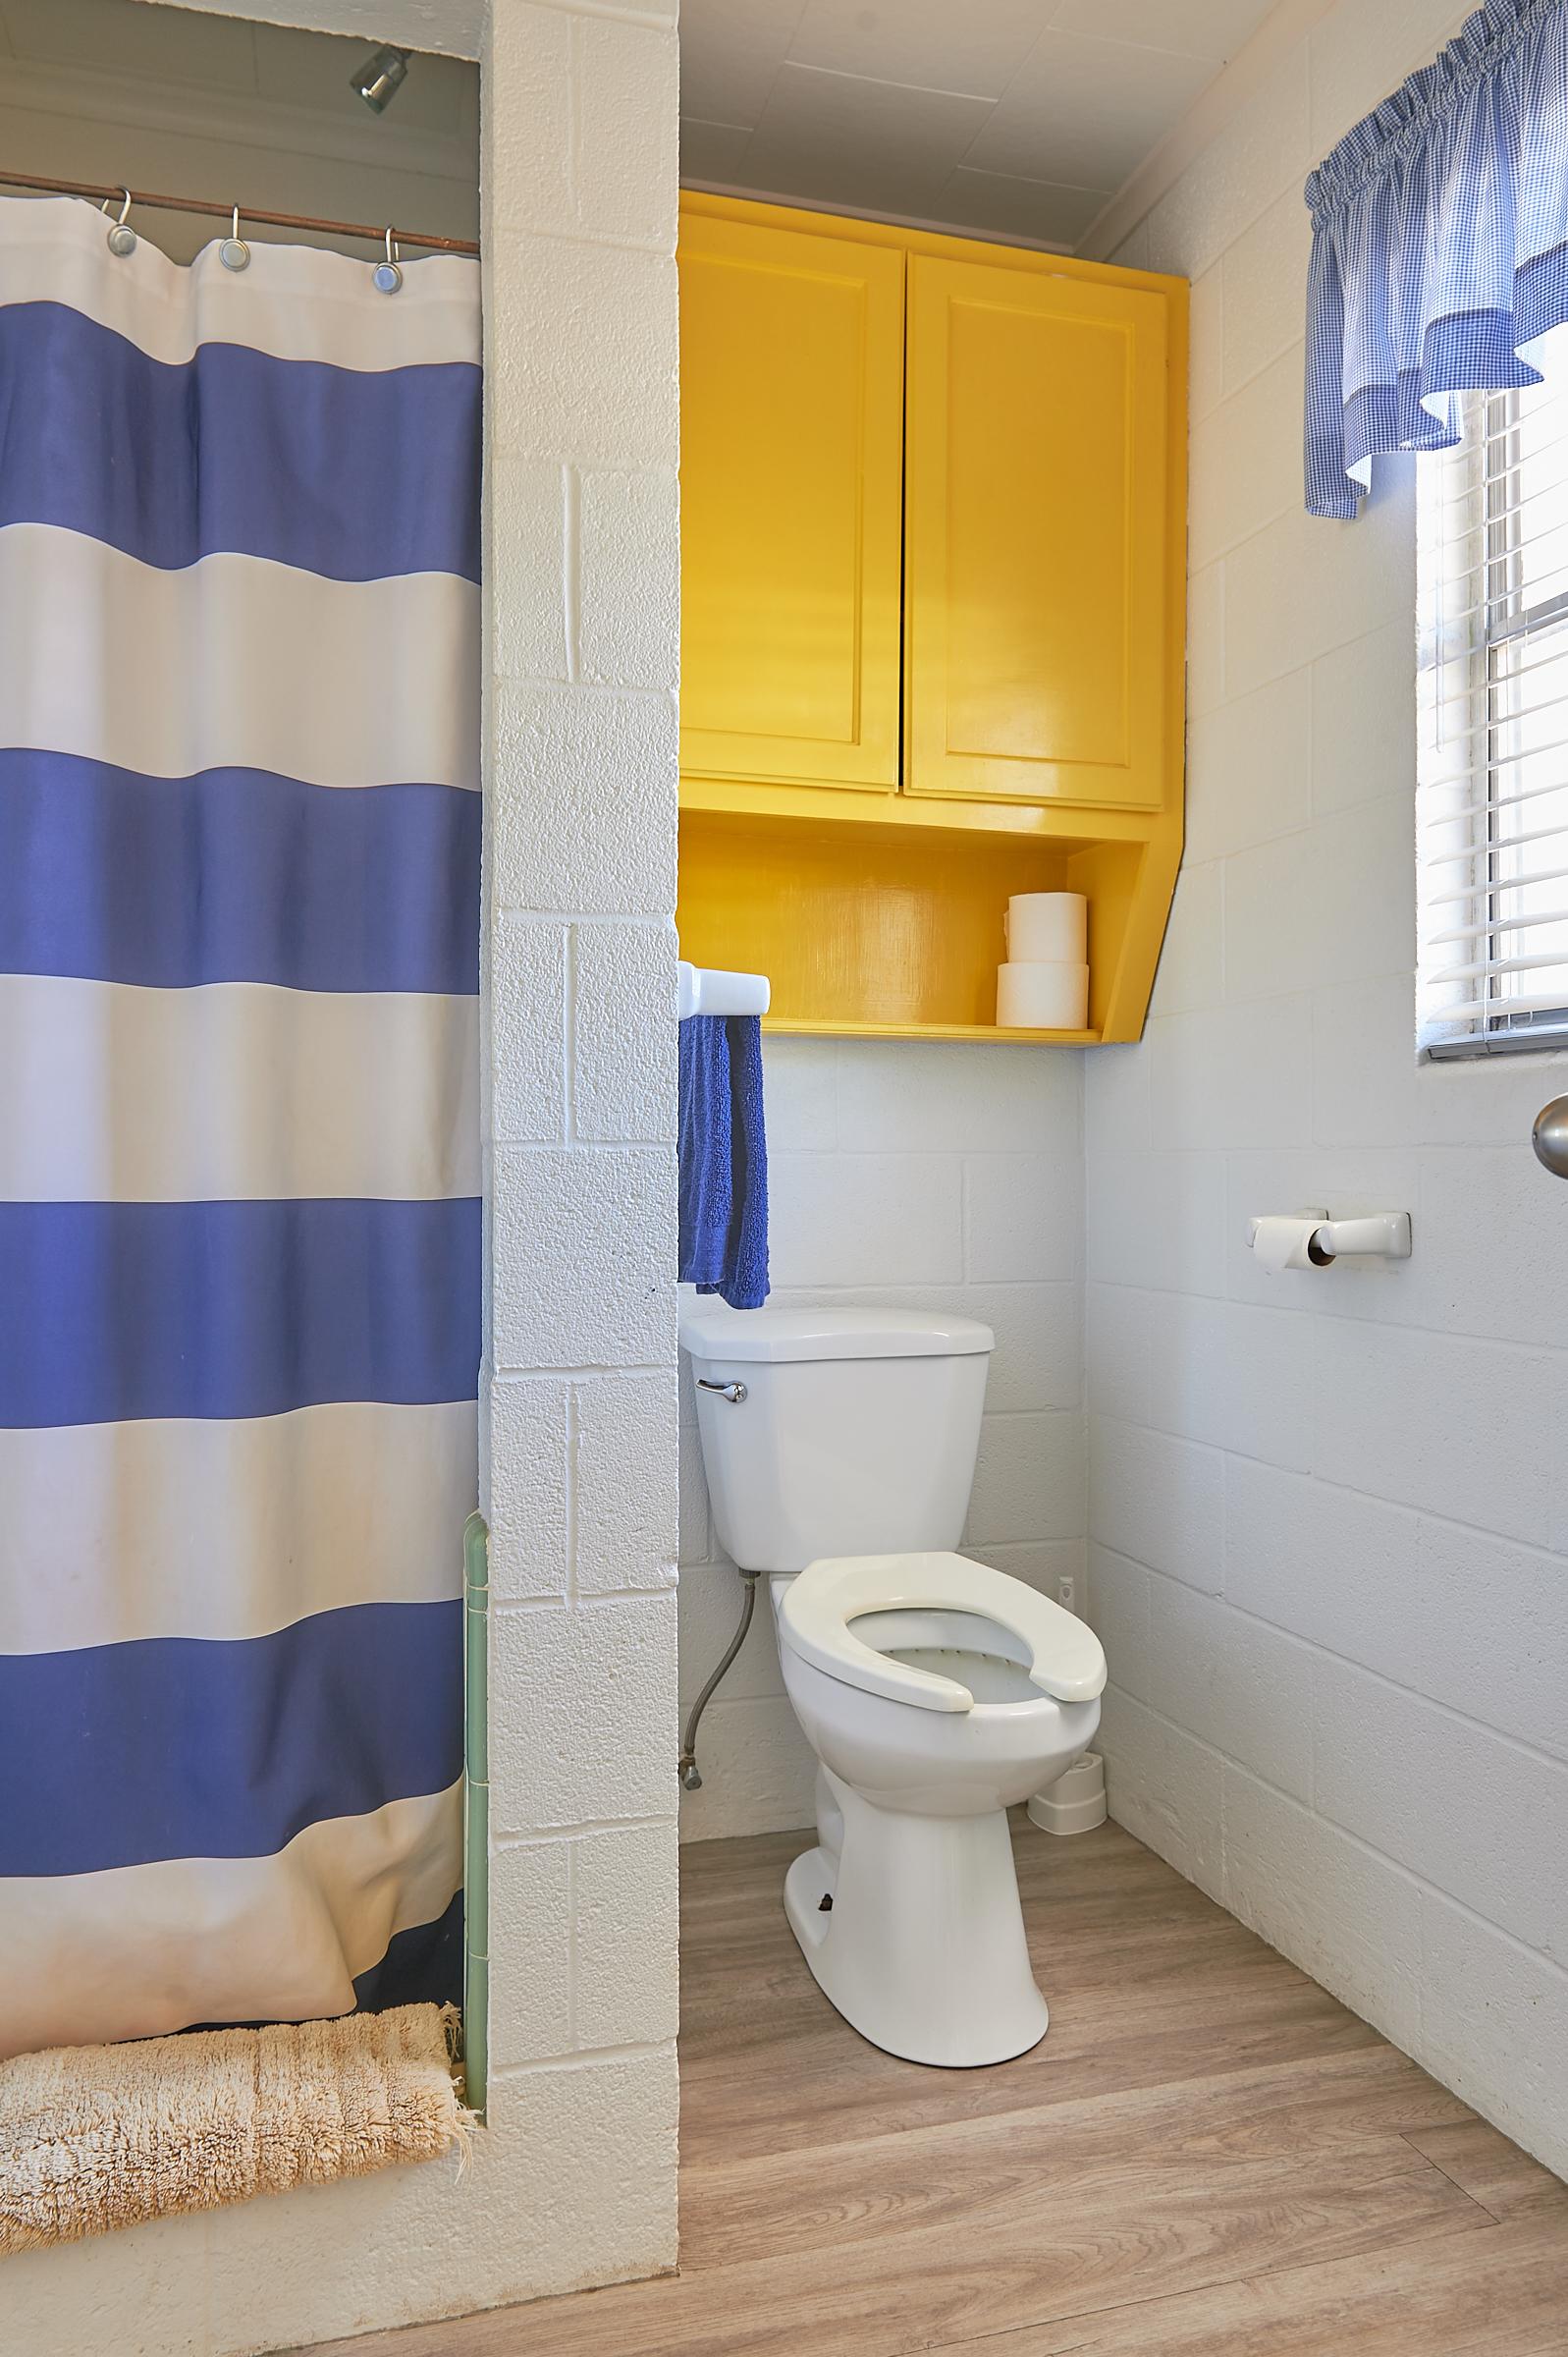 Bluebonnet Cabin Restroom and Shower